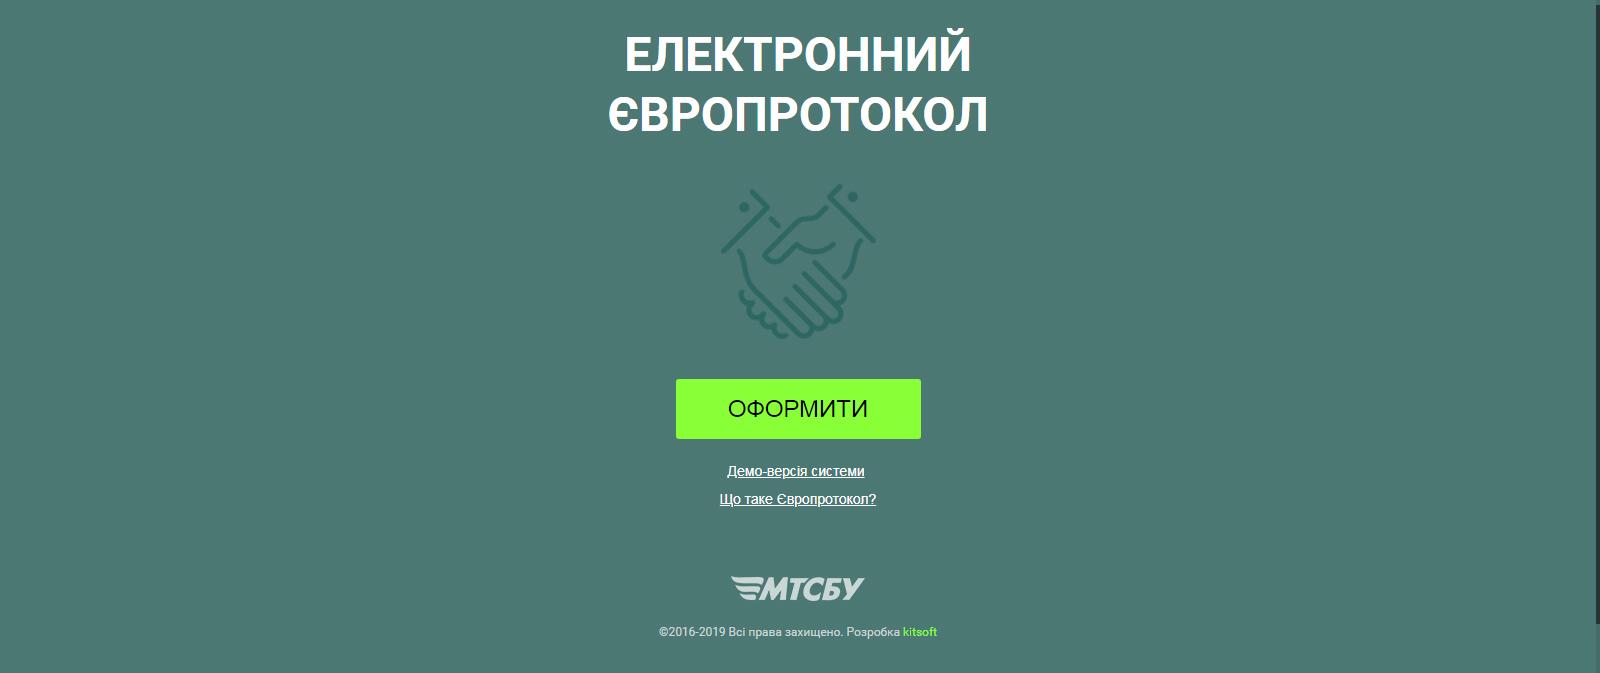 Электронный европротокол